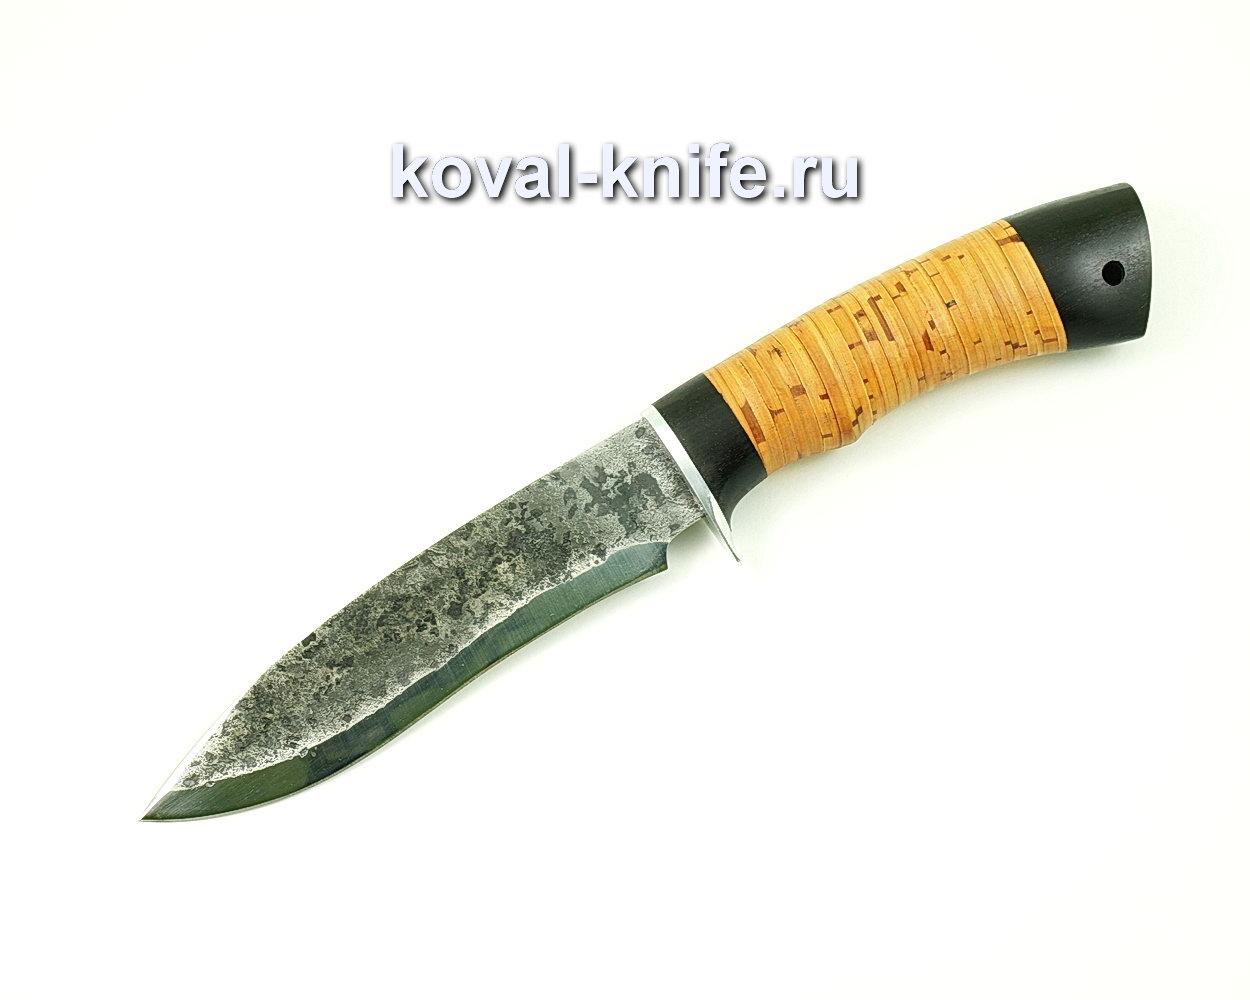 Нож Орлан из стали 9хс (рукоять береста, граб) A400